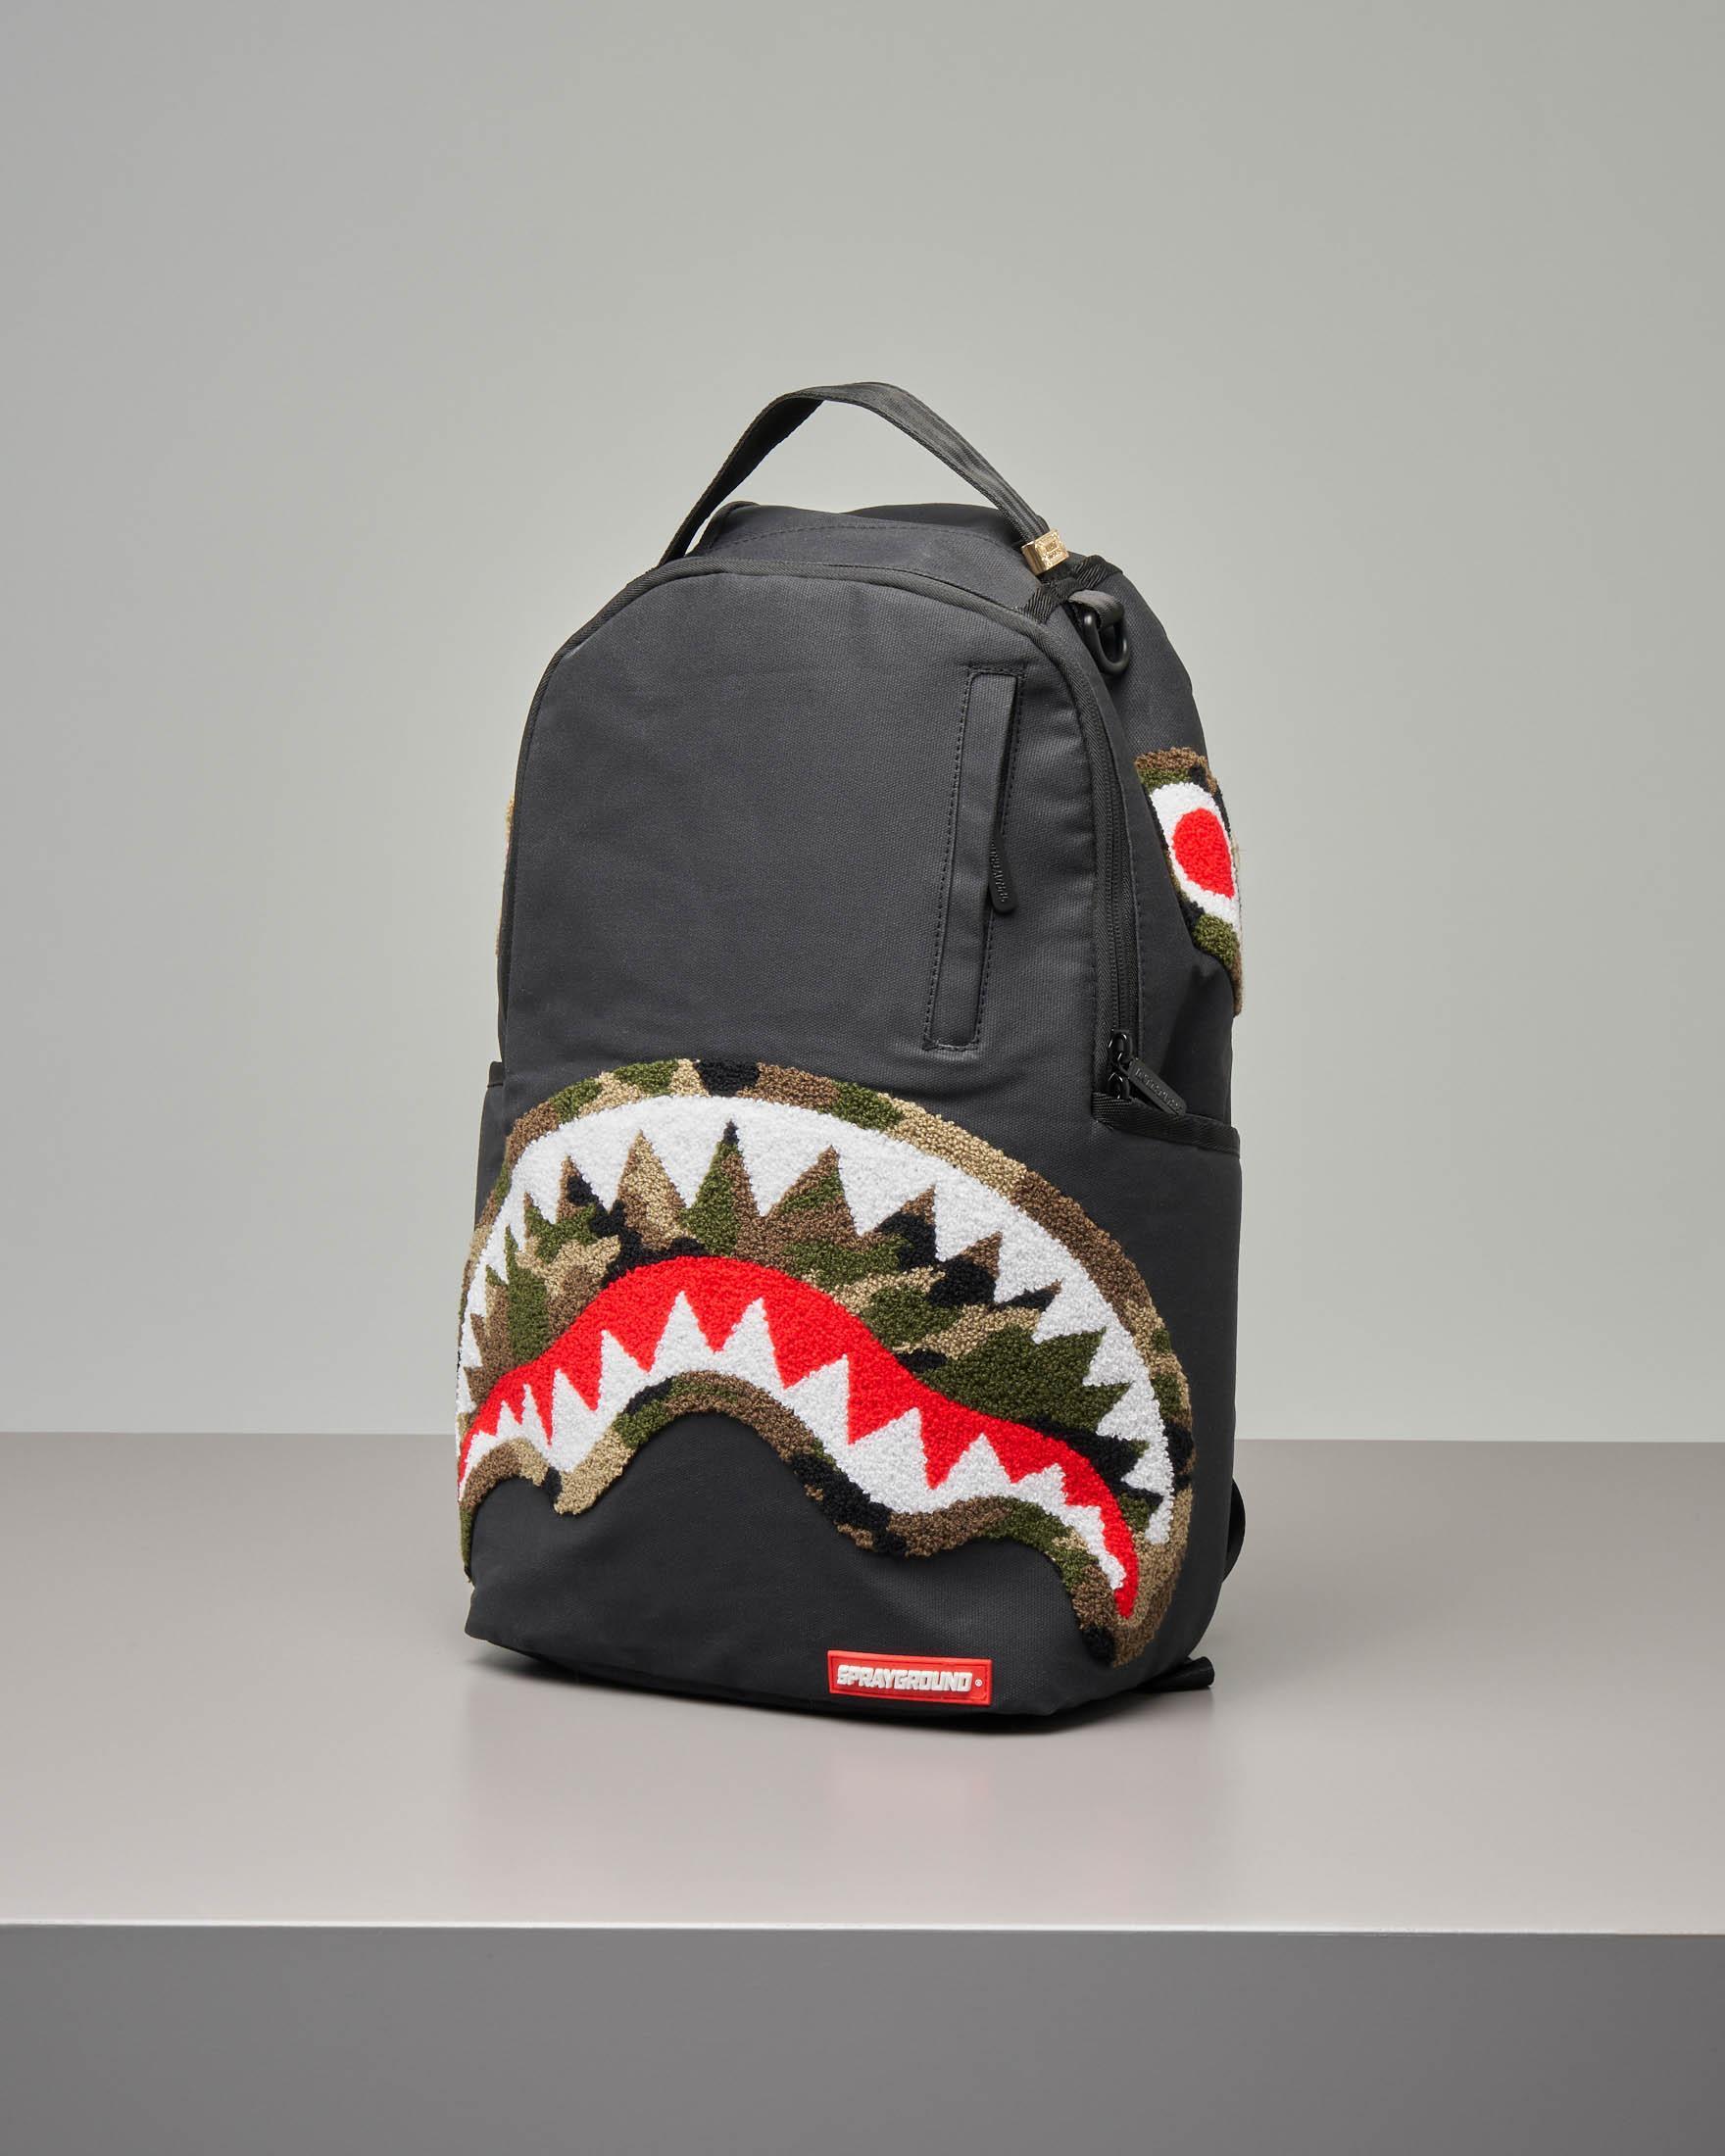 Zaino Camo Chenille Shark nero | Pellizzari E commerce